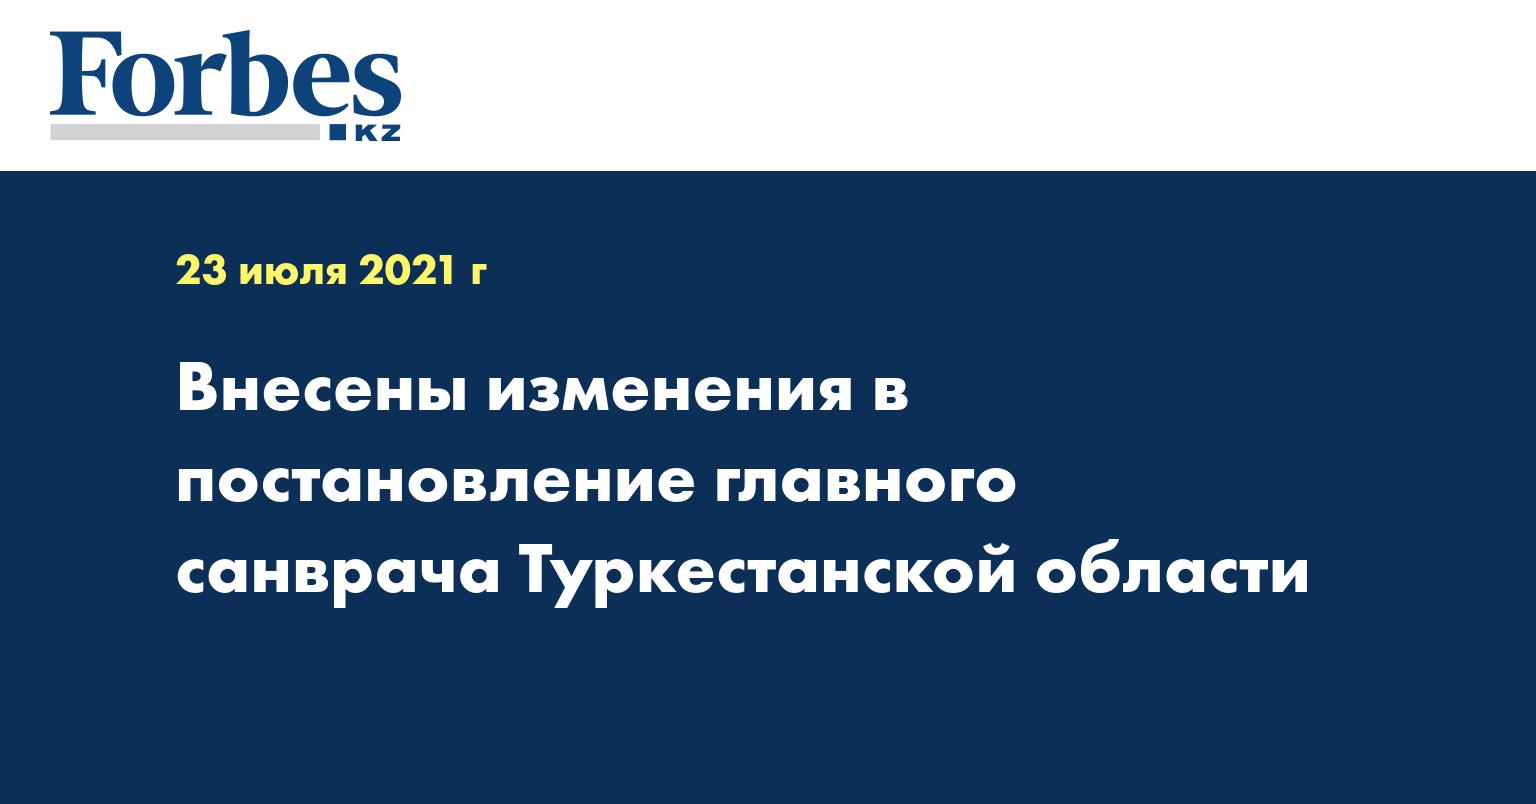 Внесены изменения в постановление главного санврача Туркестанской области